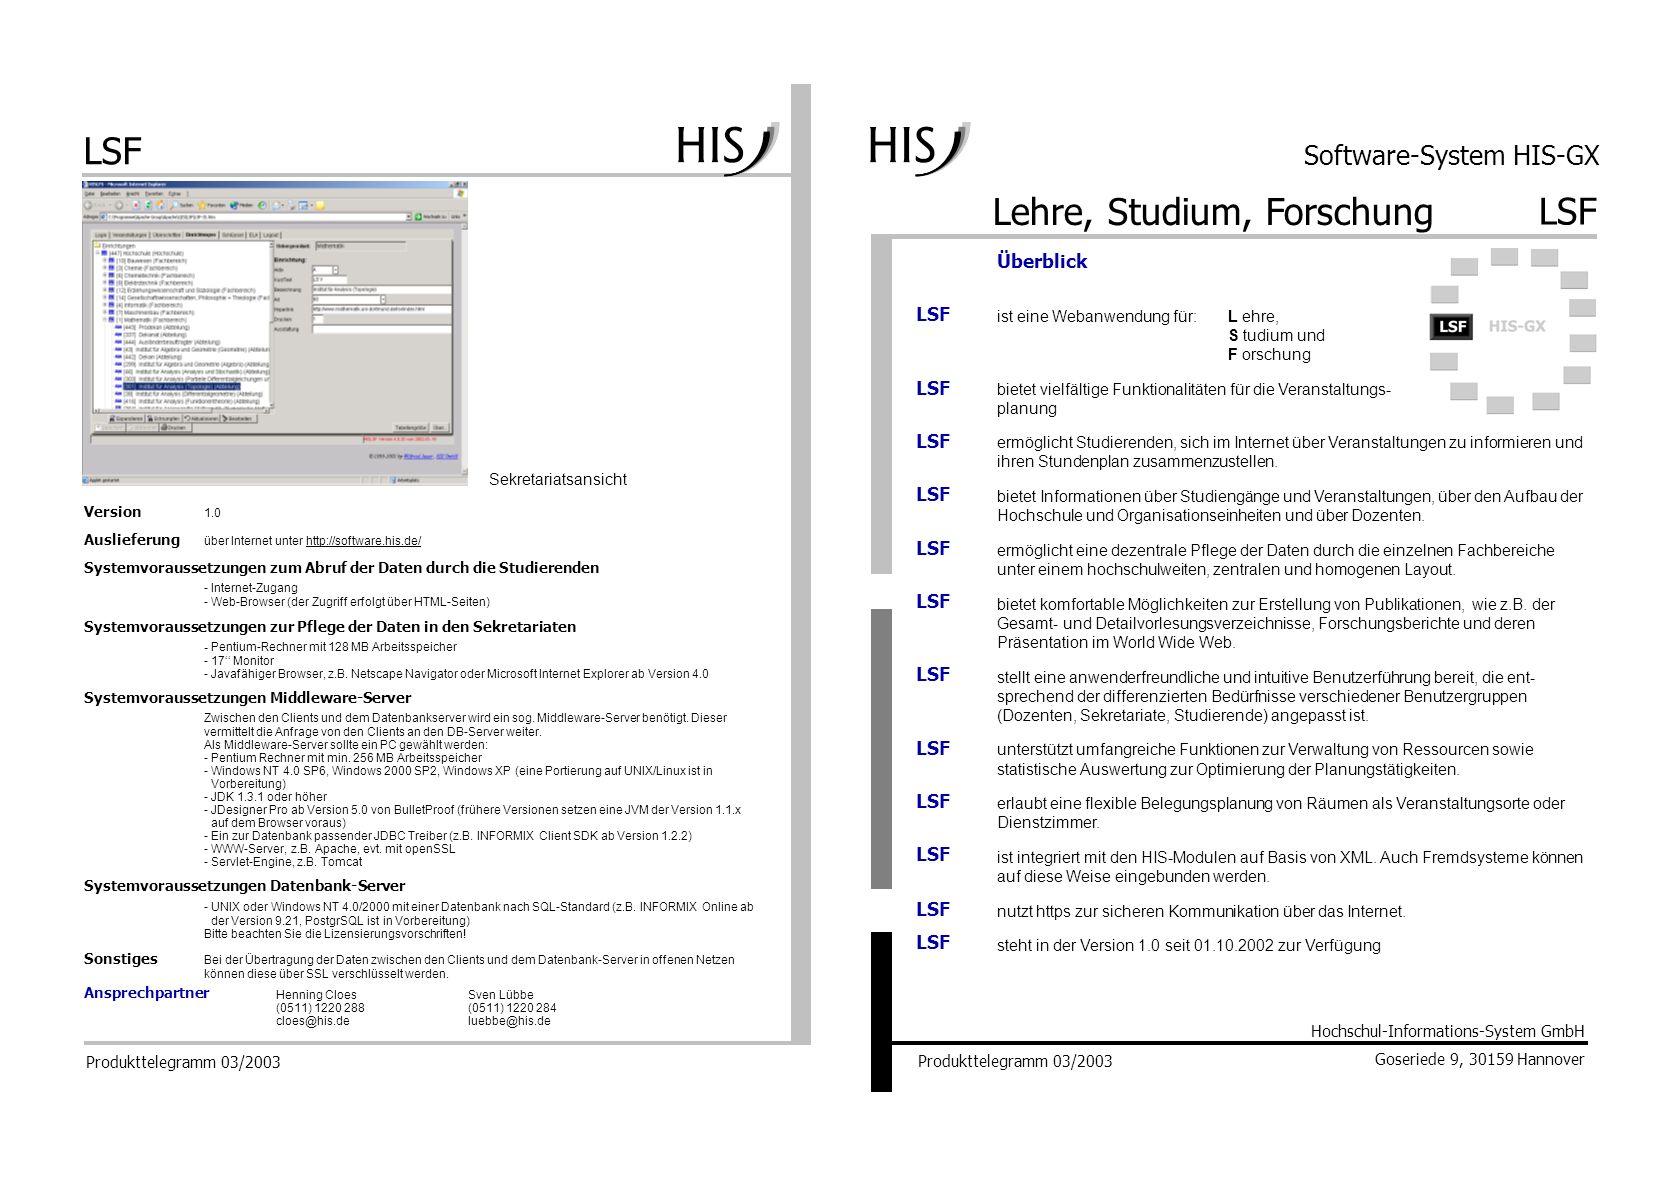 Lehre, Studium, Forschung LSF Software-System HIS-GX ist eine Webanwendung für:L ehre, S tudium und F orschung bietet vielfältige Funktionalitäten für die Veranstaltungs- planung ermöglicht Studierenden, sich im Internet über Veranstaltungen zu informieren und ihren Stundenplan zusammenzustellen.